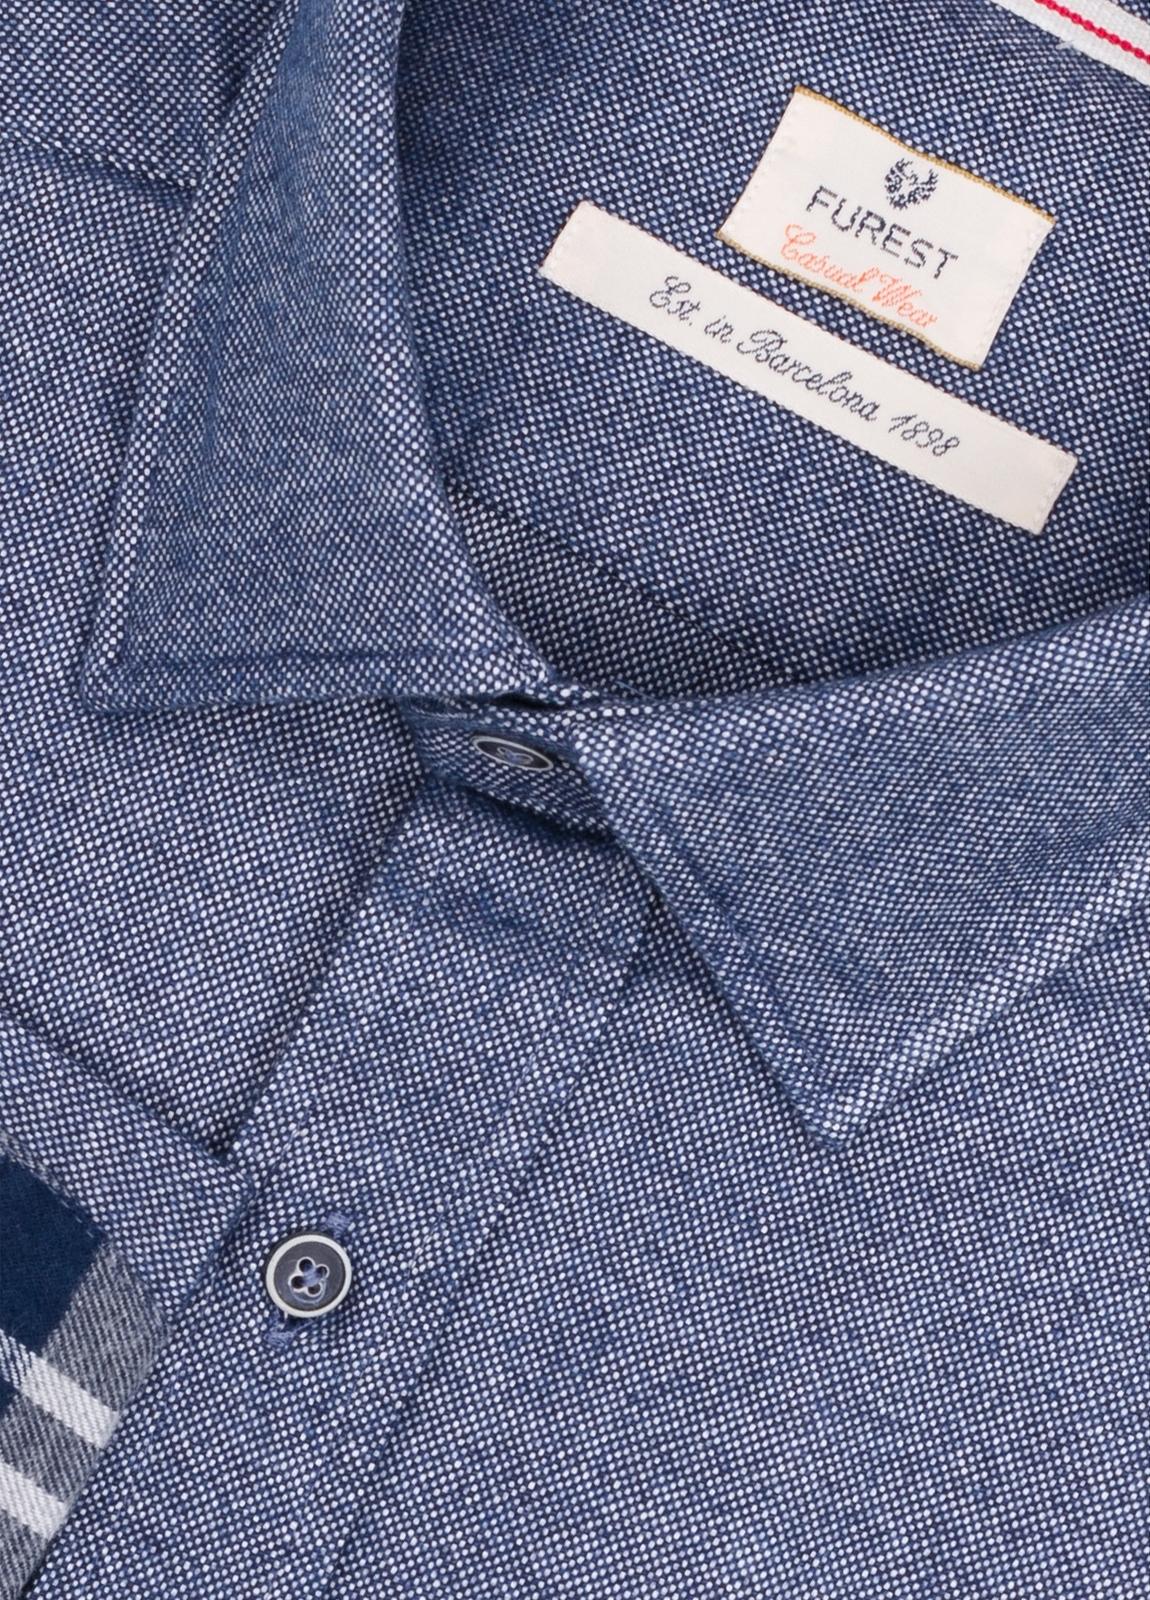 Camisa Casual Wear SLIM FIT Modelo PORTO, oxford color azul marino con coderas en contraste. 100% Algodón. - Ítem1